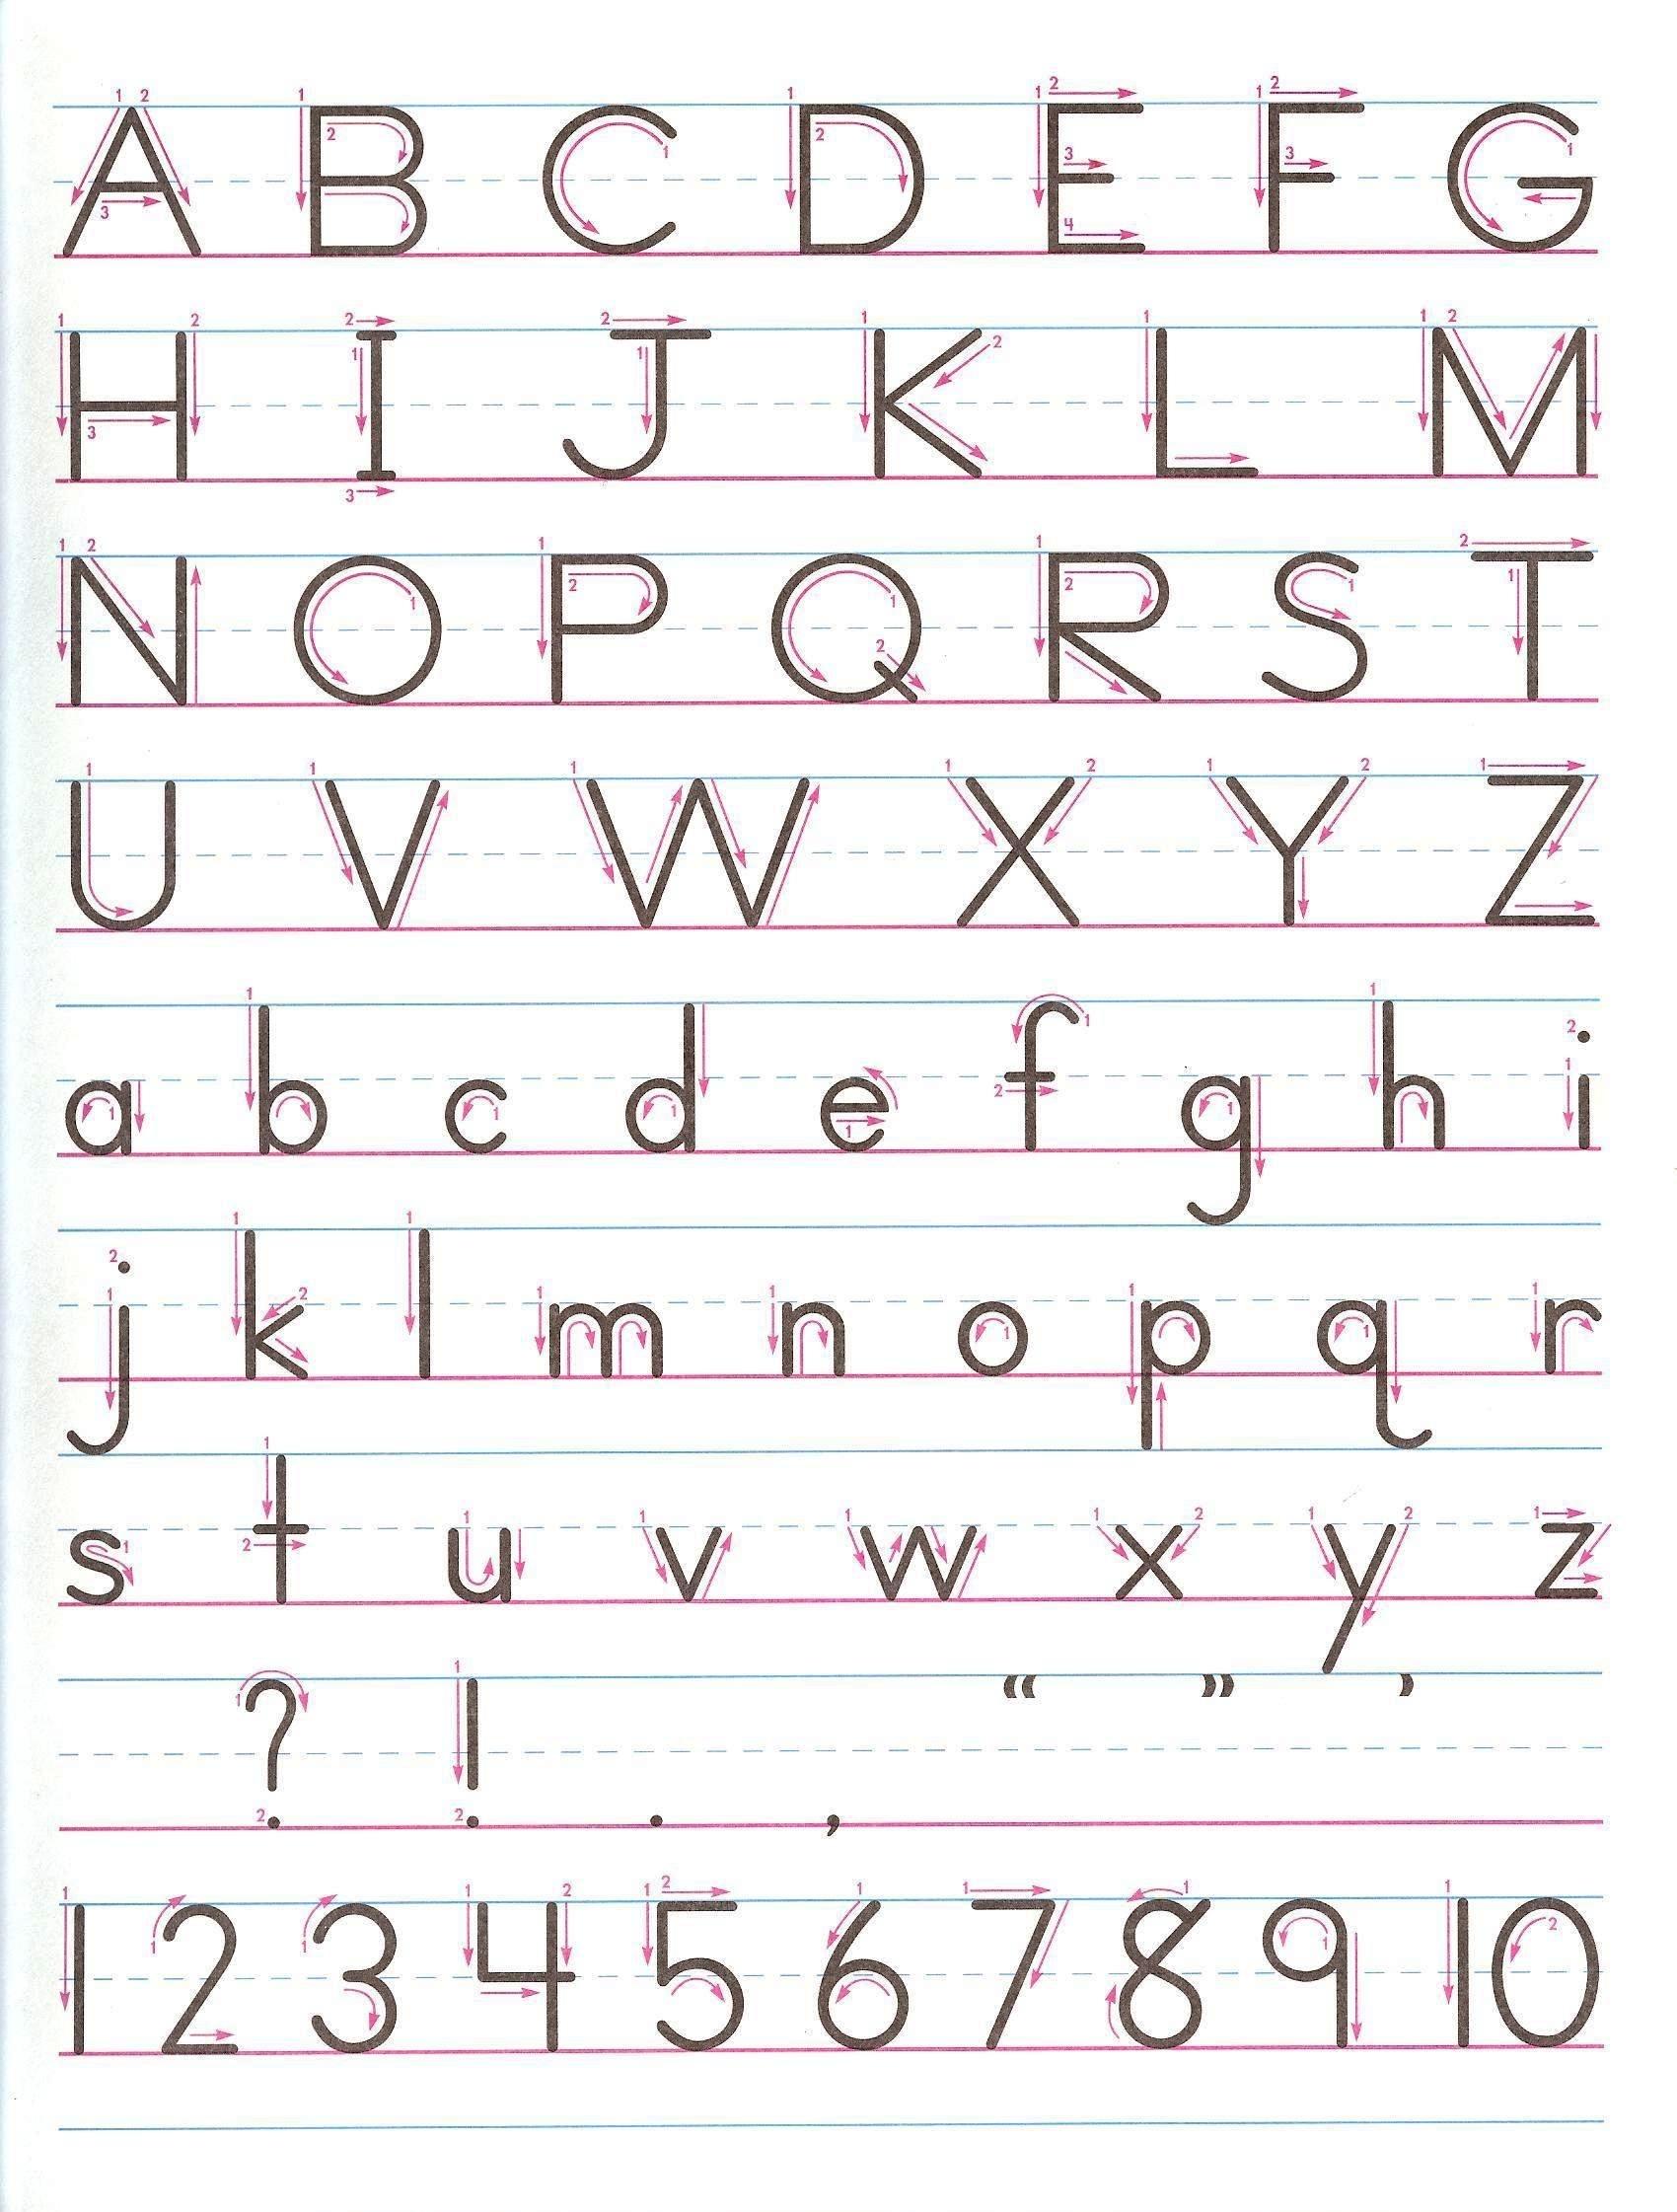 Manuscript+Handwriting+Practice | Homeschool Handwriting - Handwriting Without Tears Worksheets Free Printable